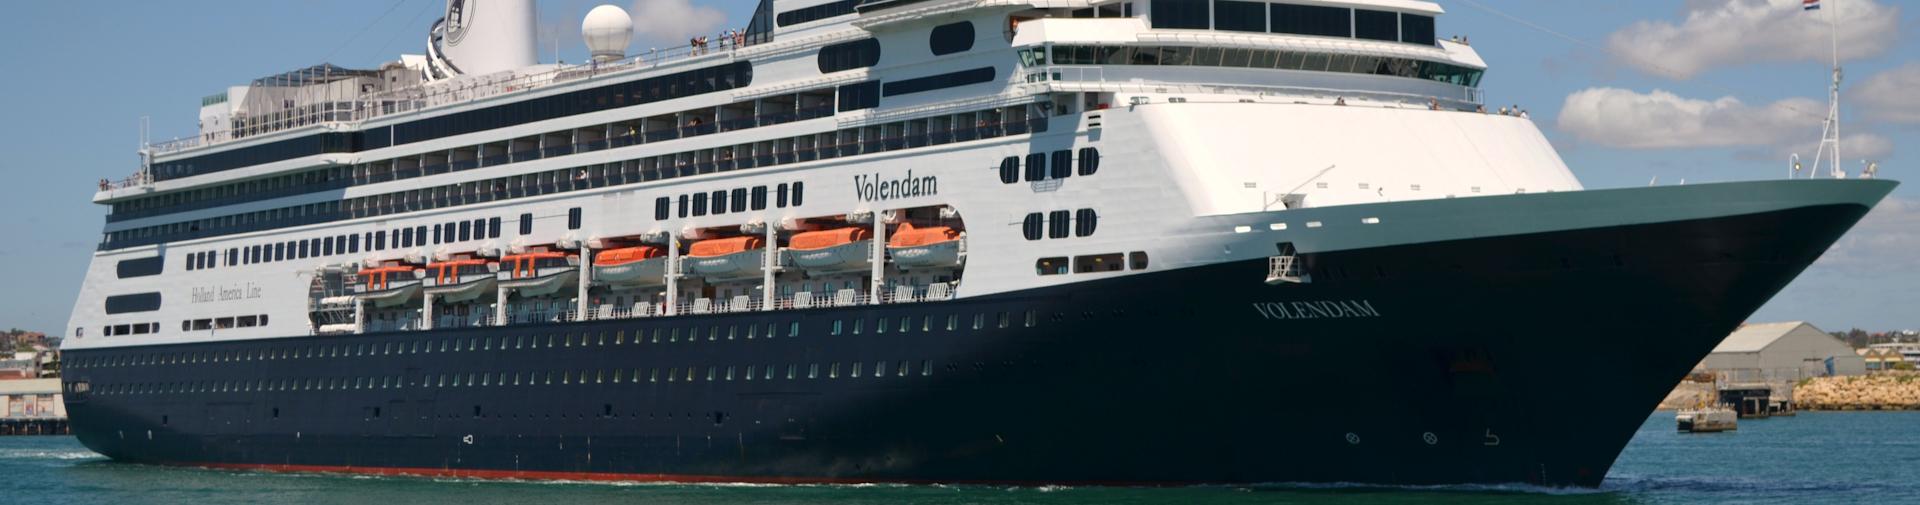 MS Volendam